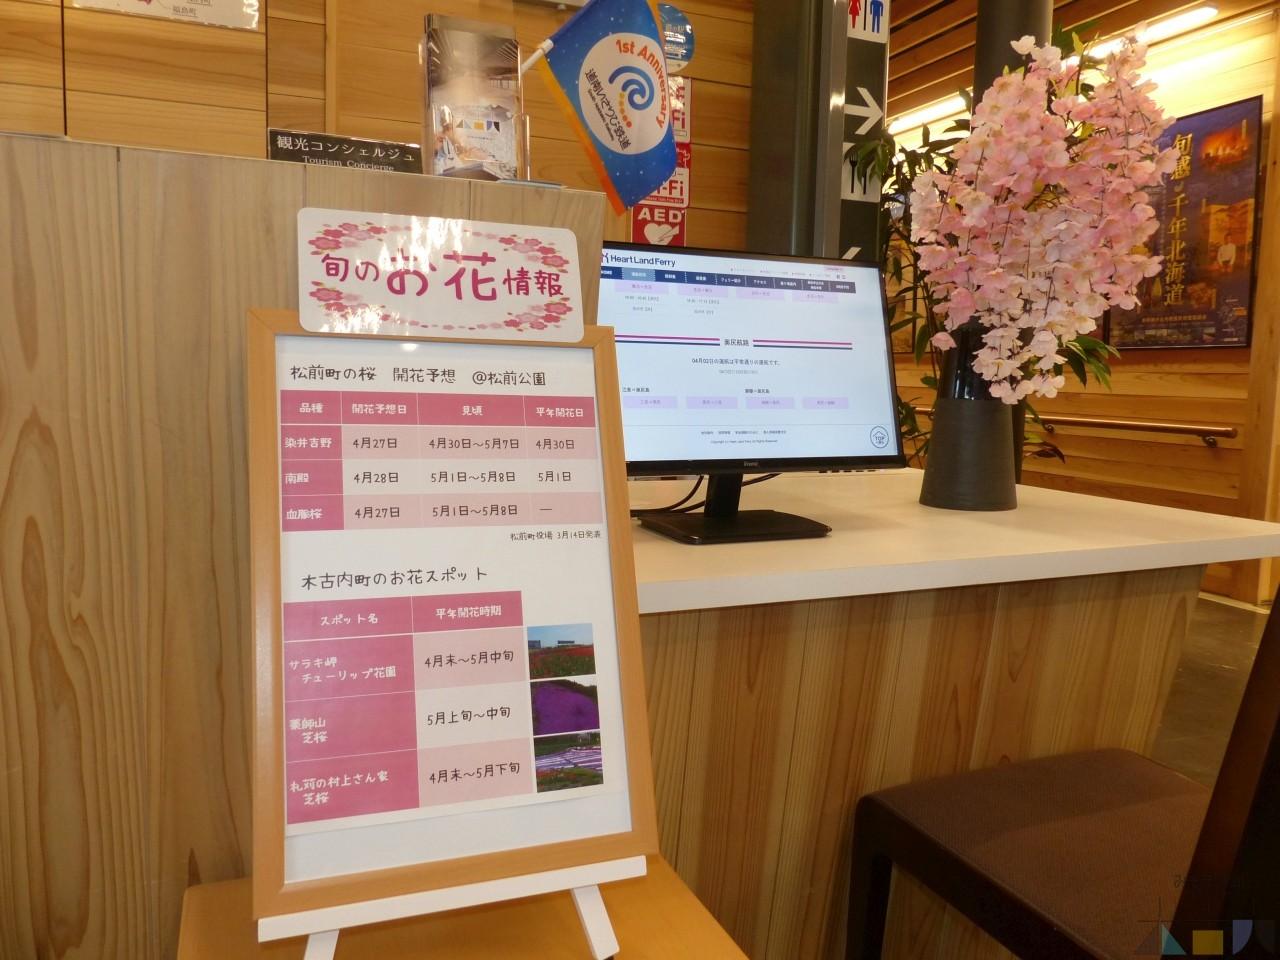 北海道じゃらん『道の駅満足度ランキング2017』 課題を早速改善!